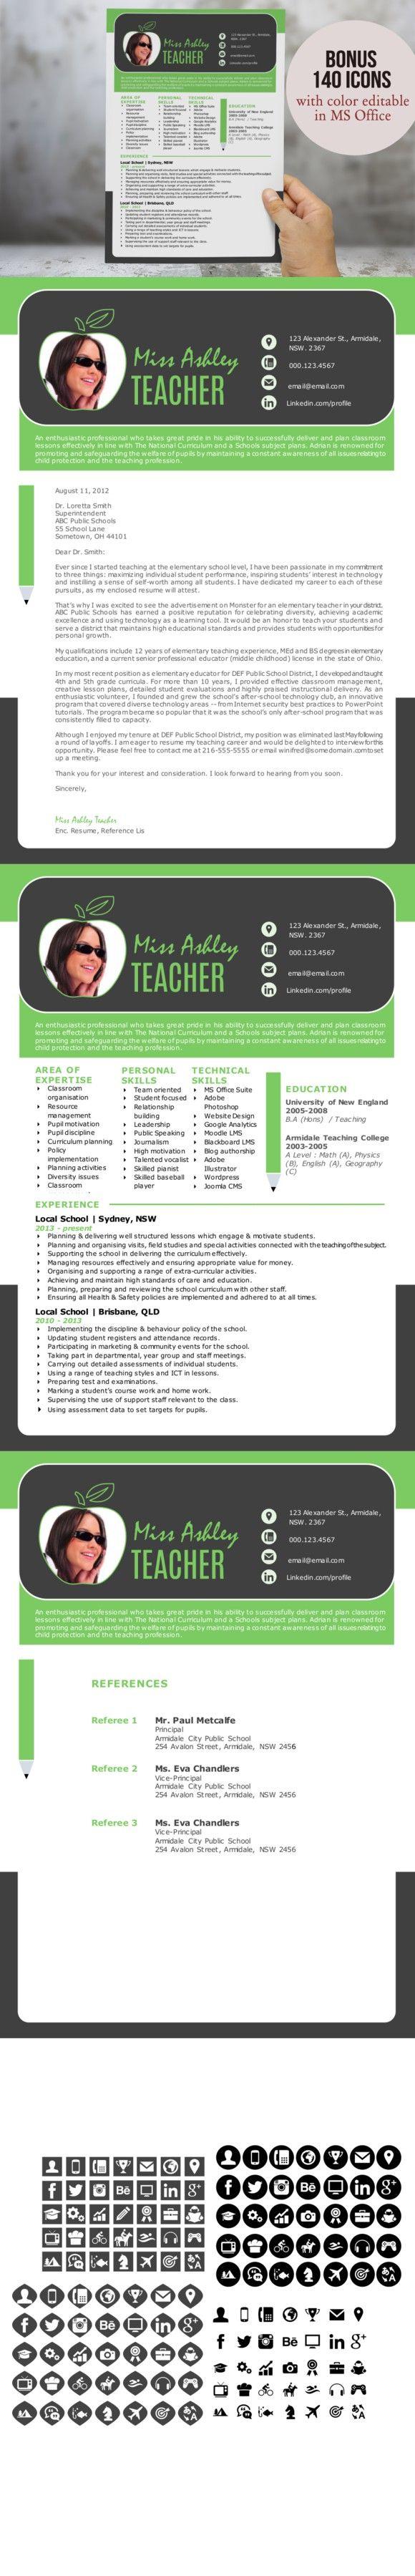 3 in 1 modern Word teacher resume. Teaching Resume. $12.00                                                                                                                                                                                 More